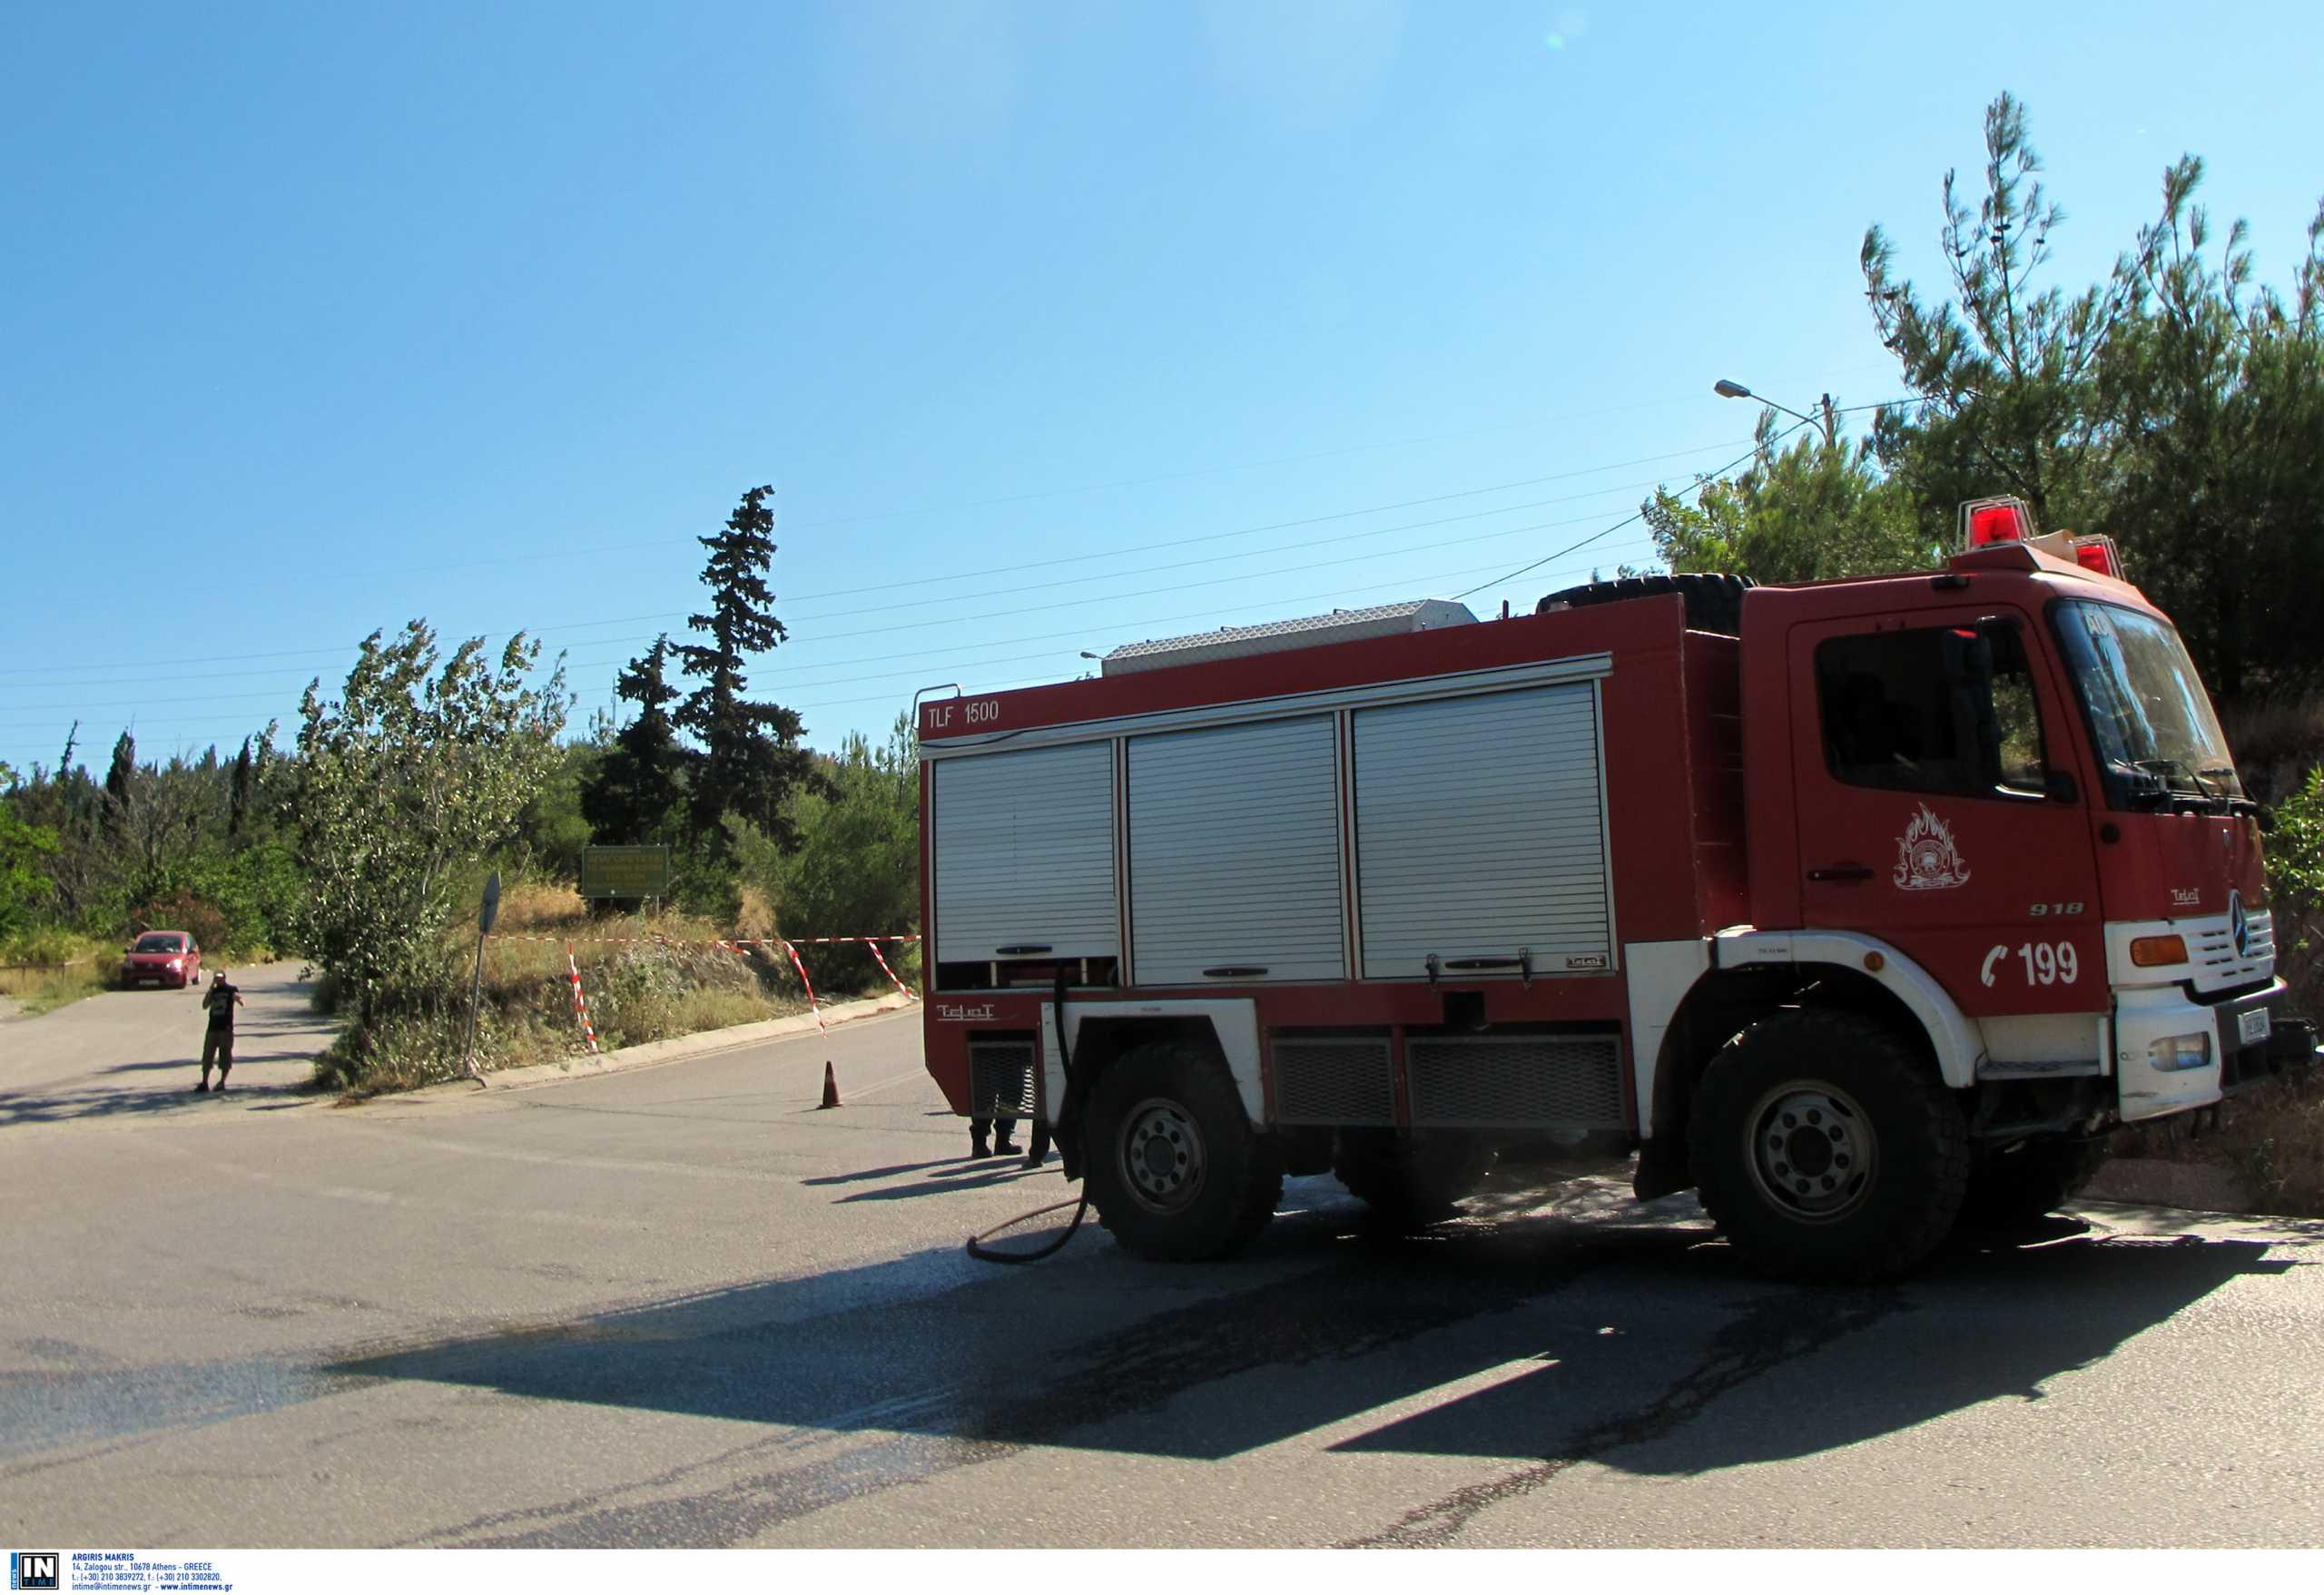 Έβρος: Απαγόρευση κυκλοφορίας αύριο σε δάση της περιοχής λόγω κινδύνου πυρκαγιάς